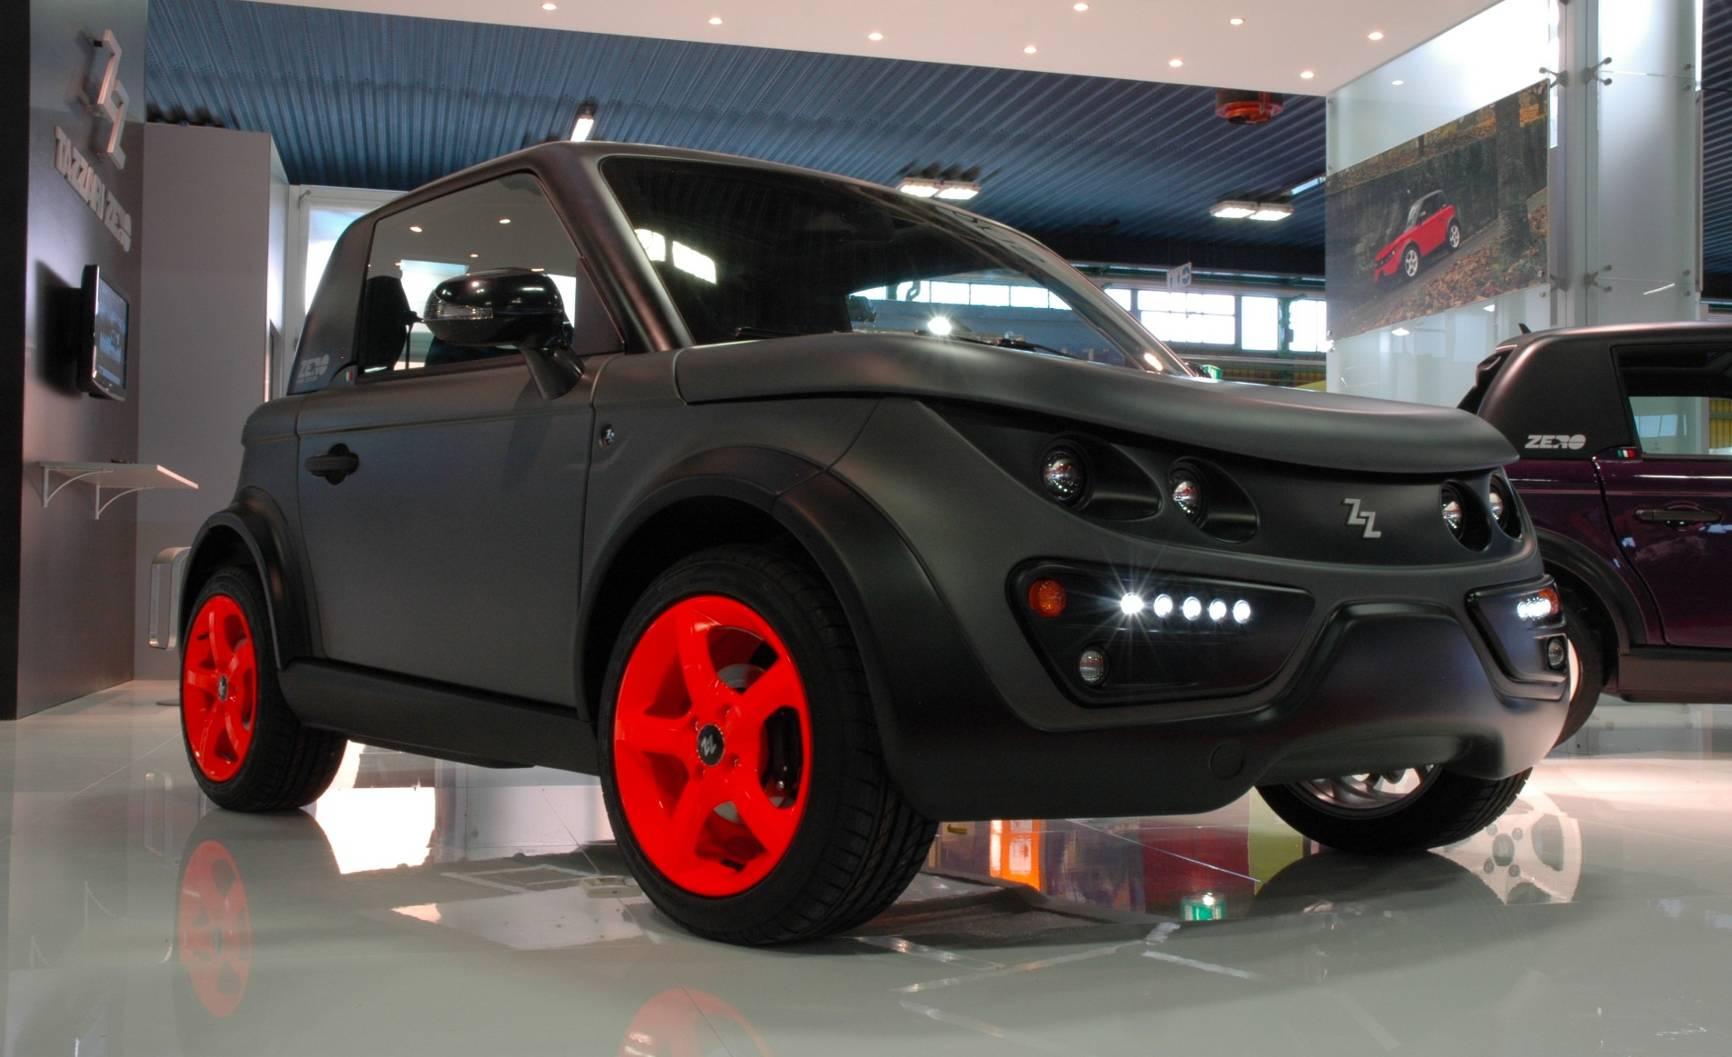 tazzari zero citycar alltagstaugliches elektroauto aus italien in ingolstadt kfz specials. Black Bedroom Furniture Sets. Home Design Ideas